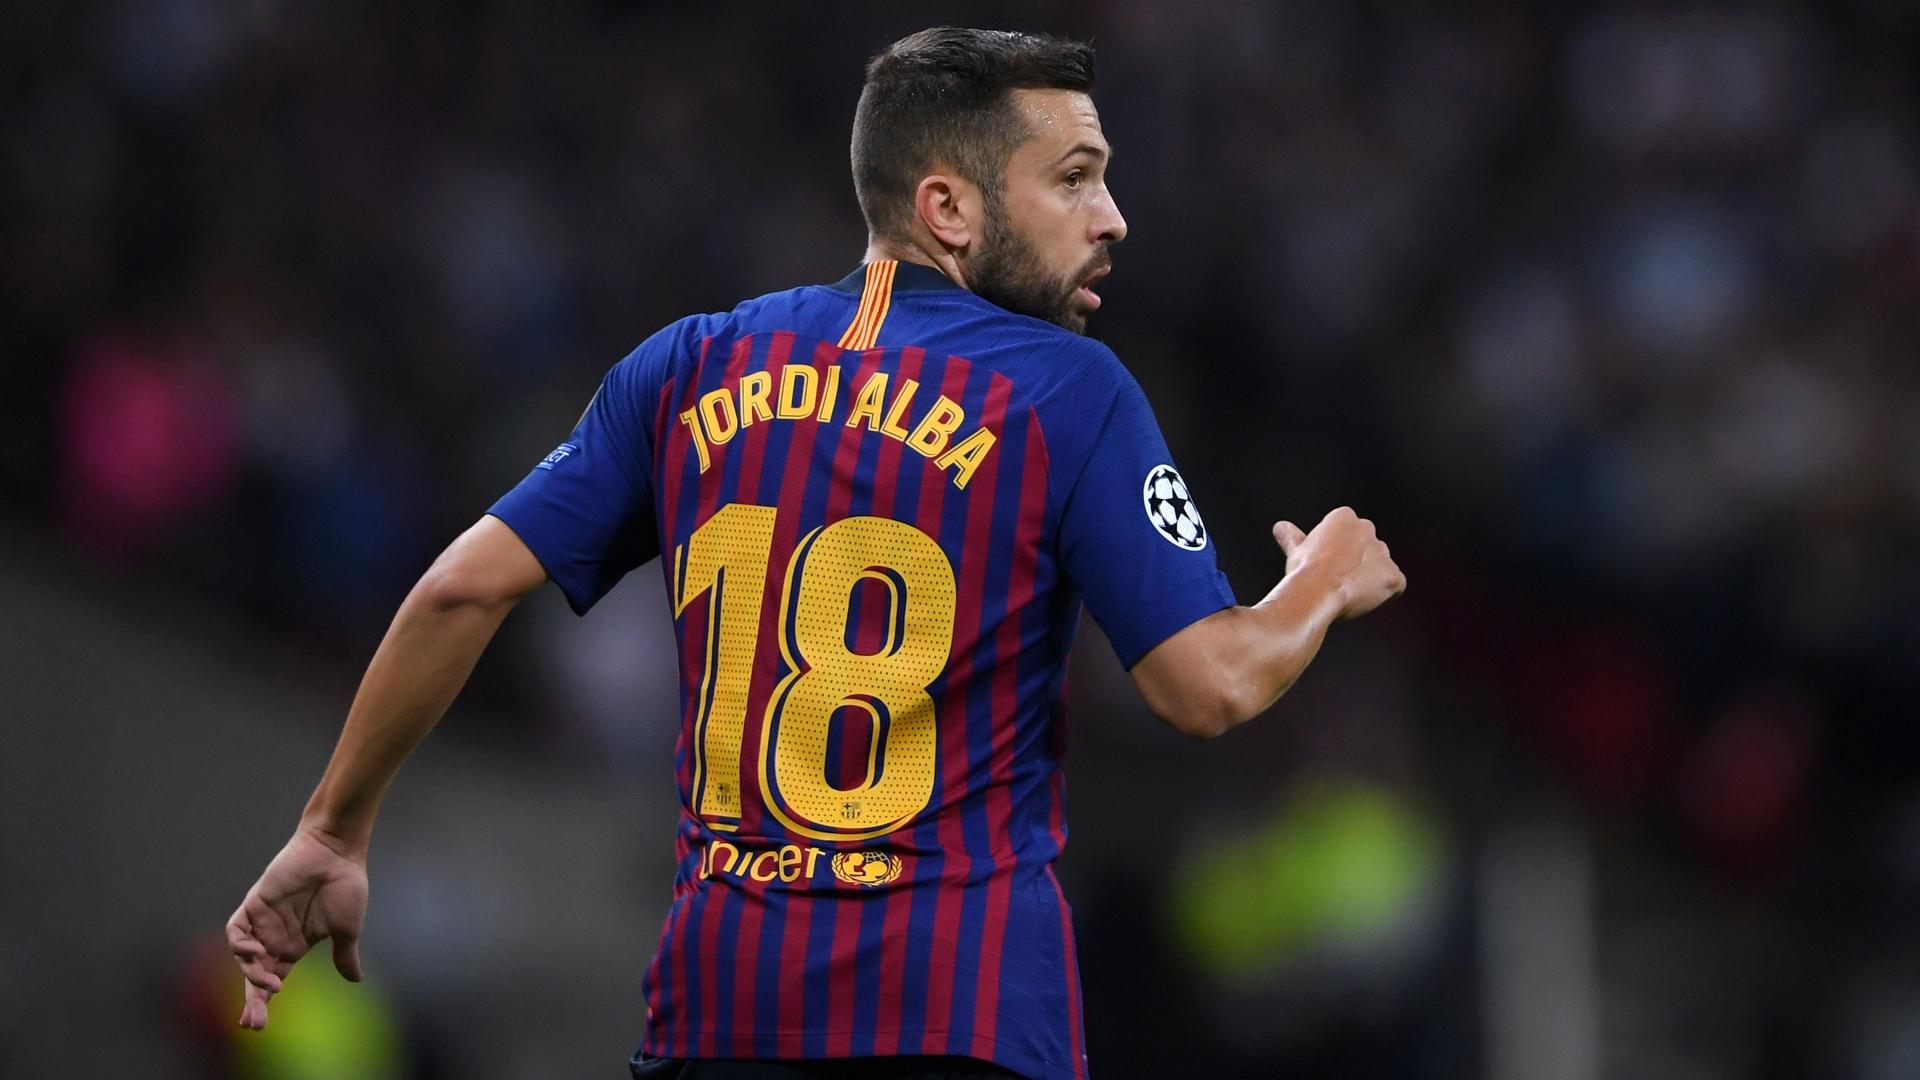 نتيجة بحث الصور عن Albas barcelona wallpaper 2019